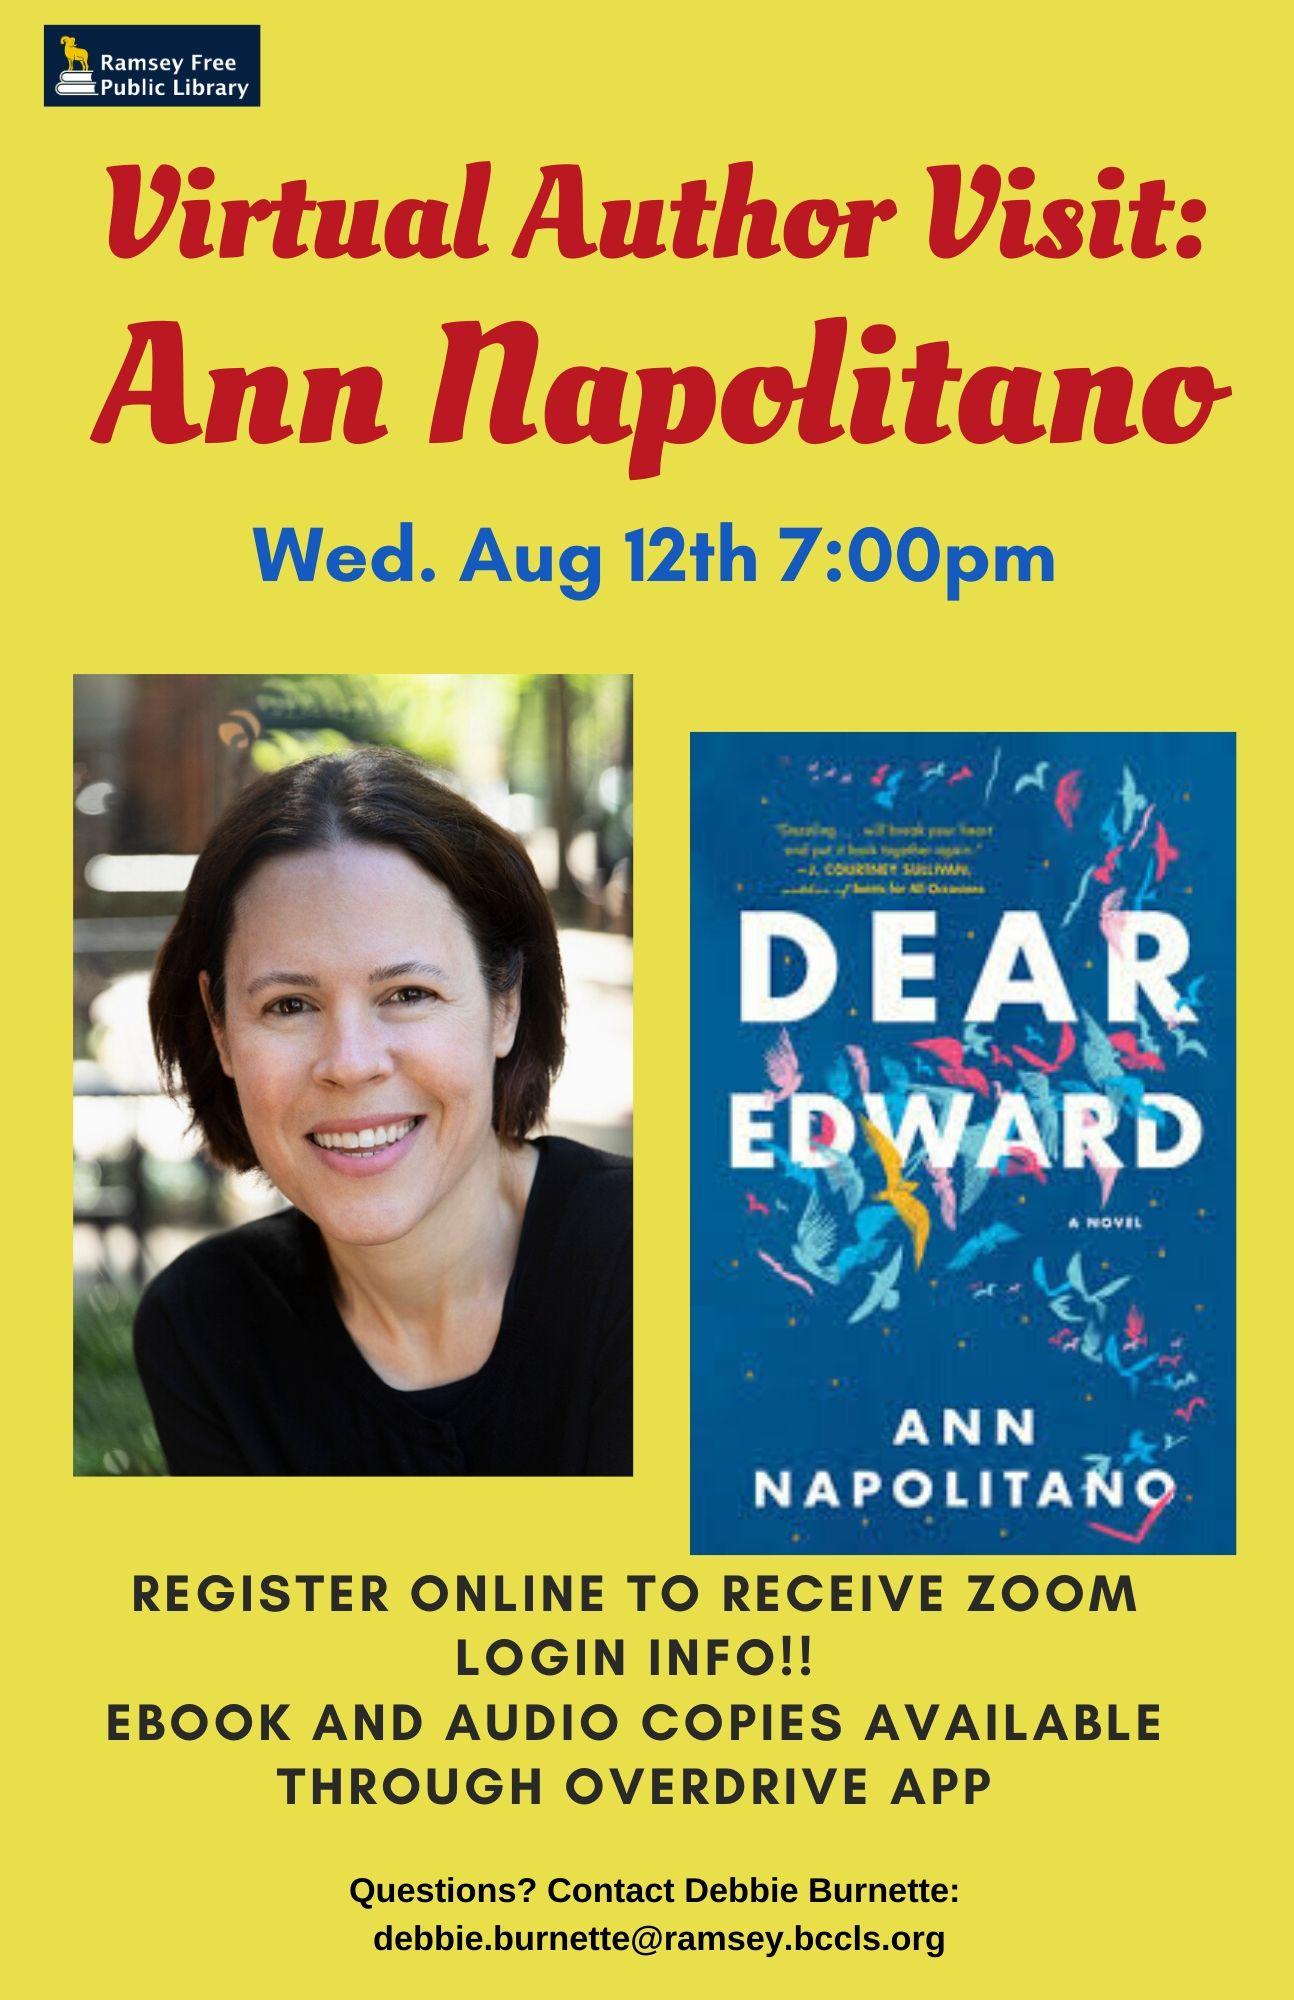 Virtual Author Visit Ann Napolitano